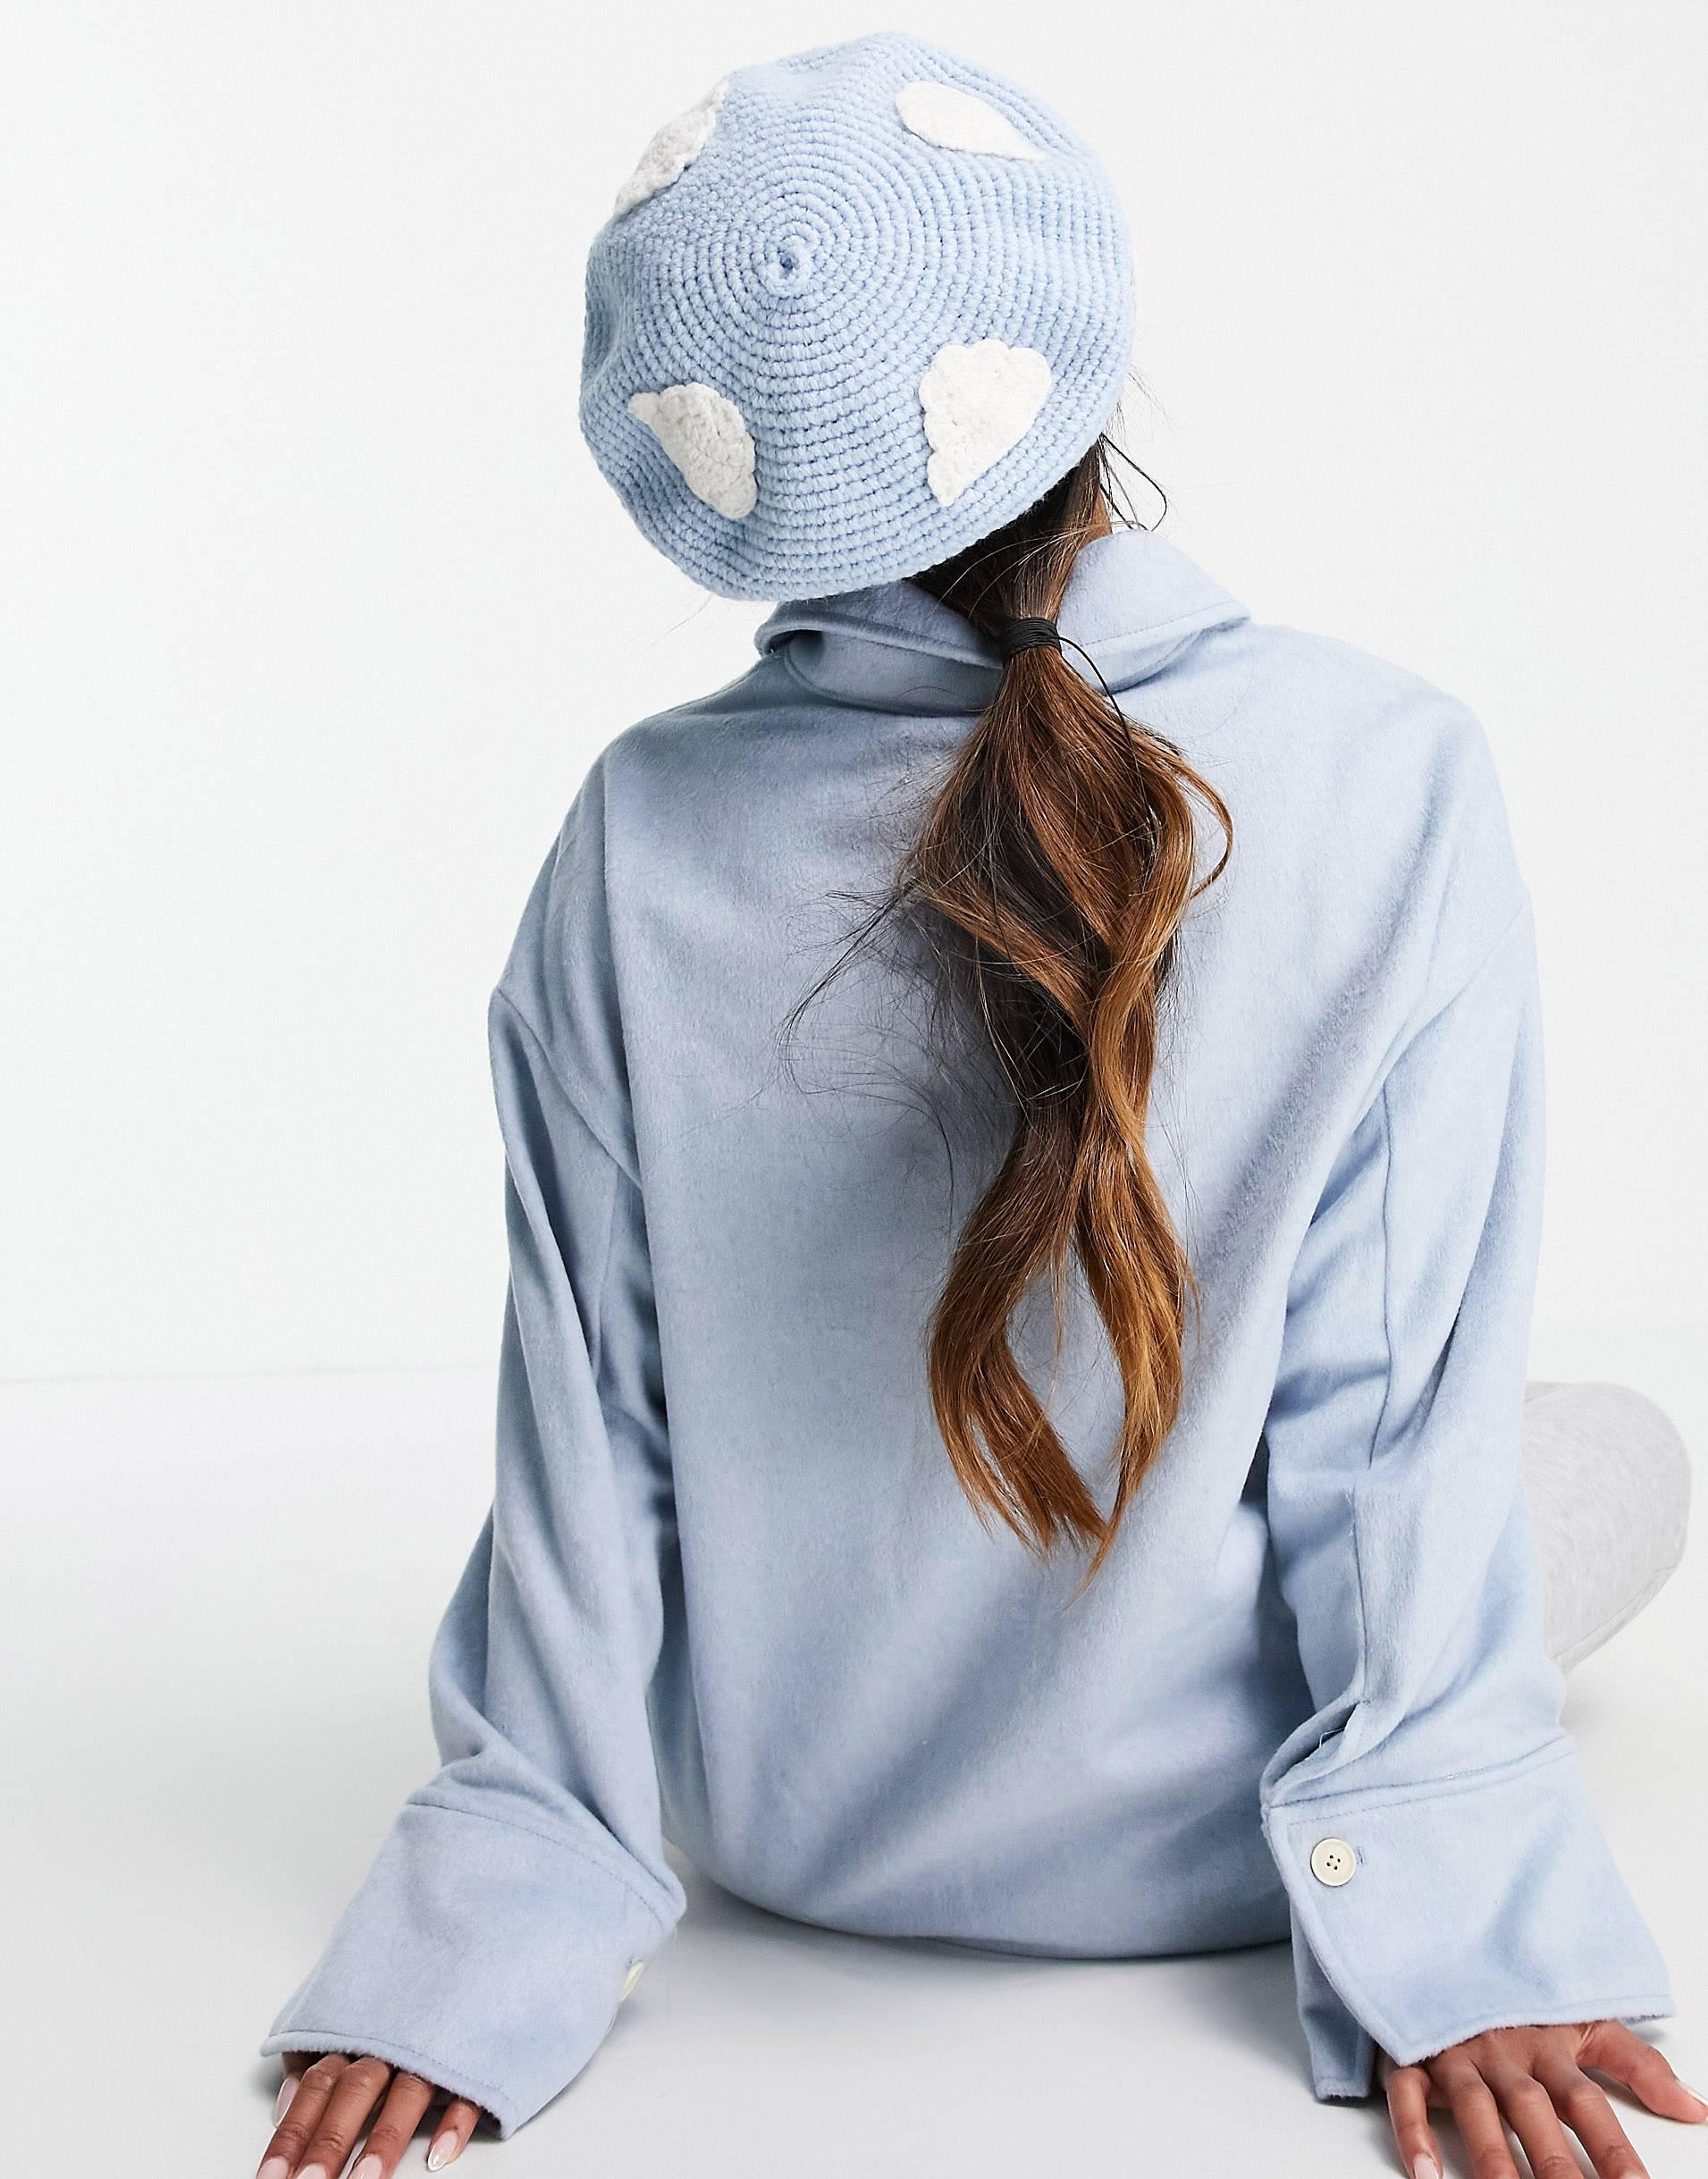 Boina azul con nubes bordadas de croché.